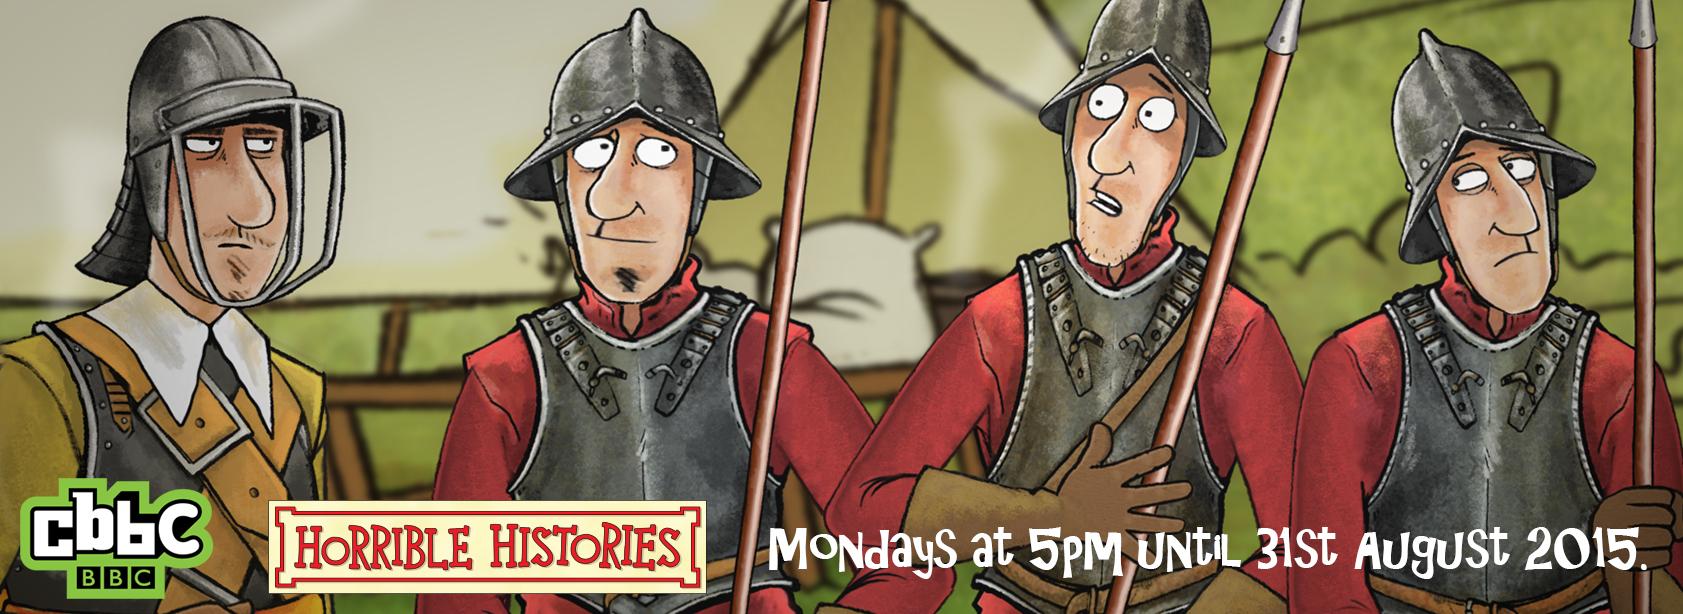 Horrible Histores® Series 6 LionTV CBBC